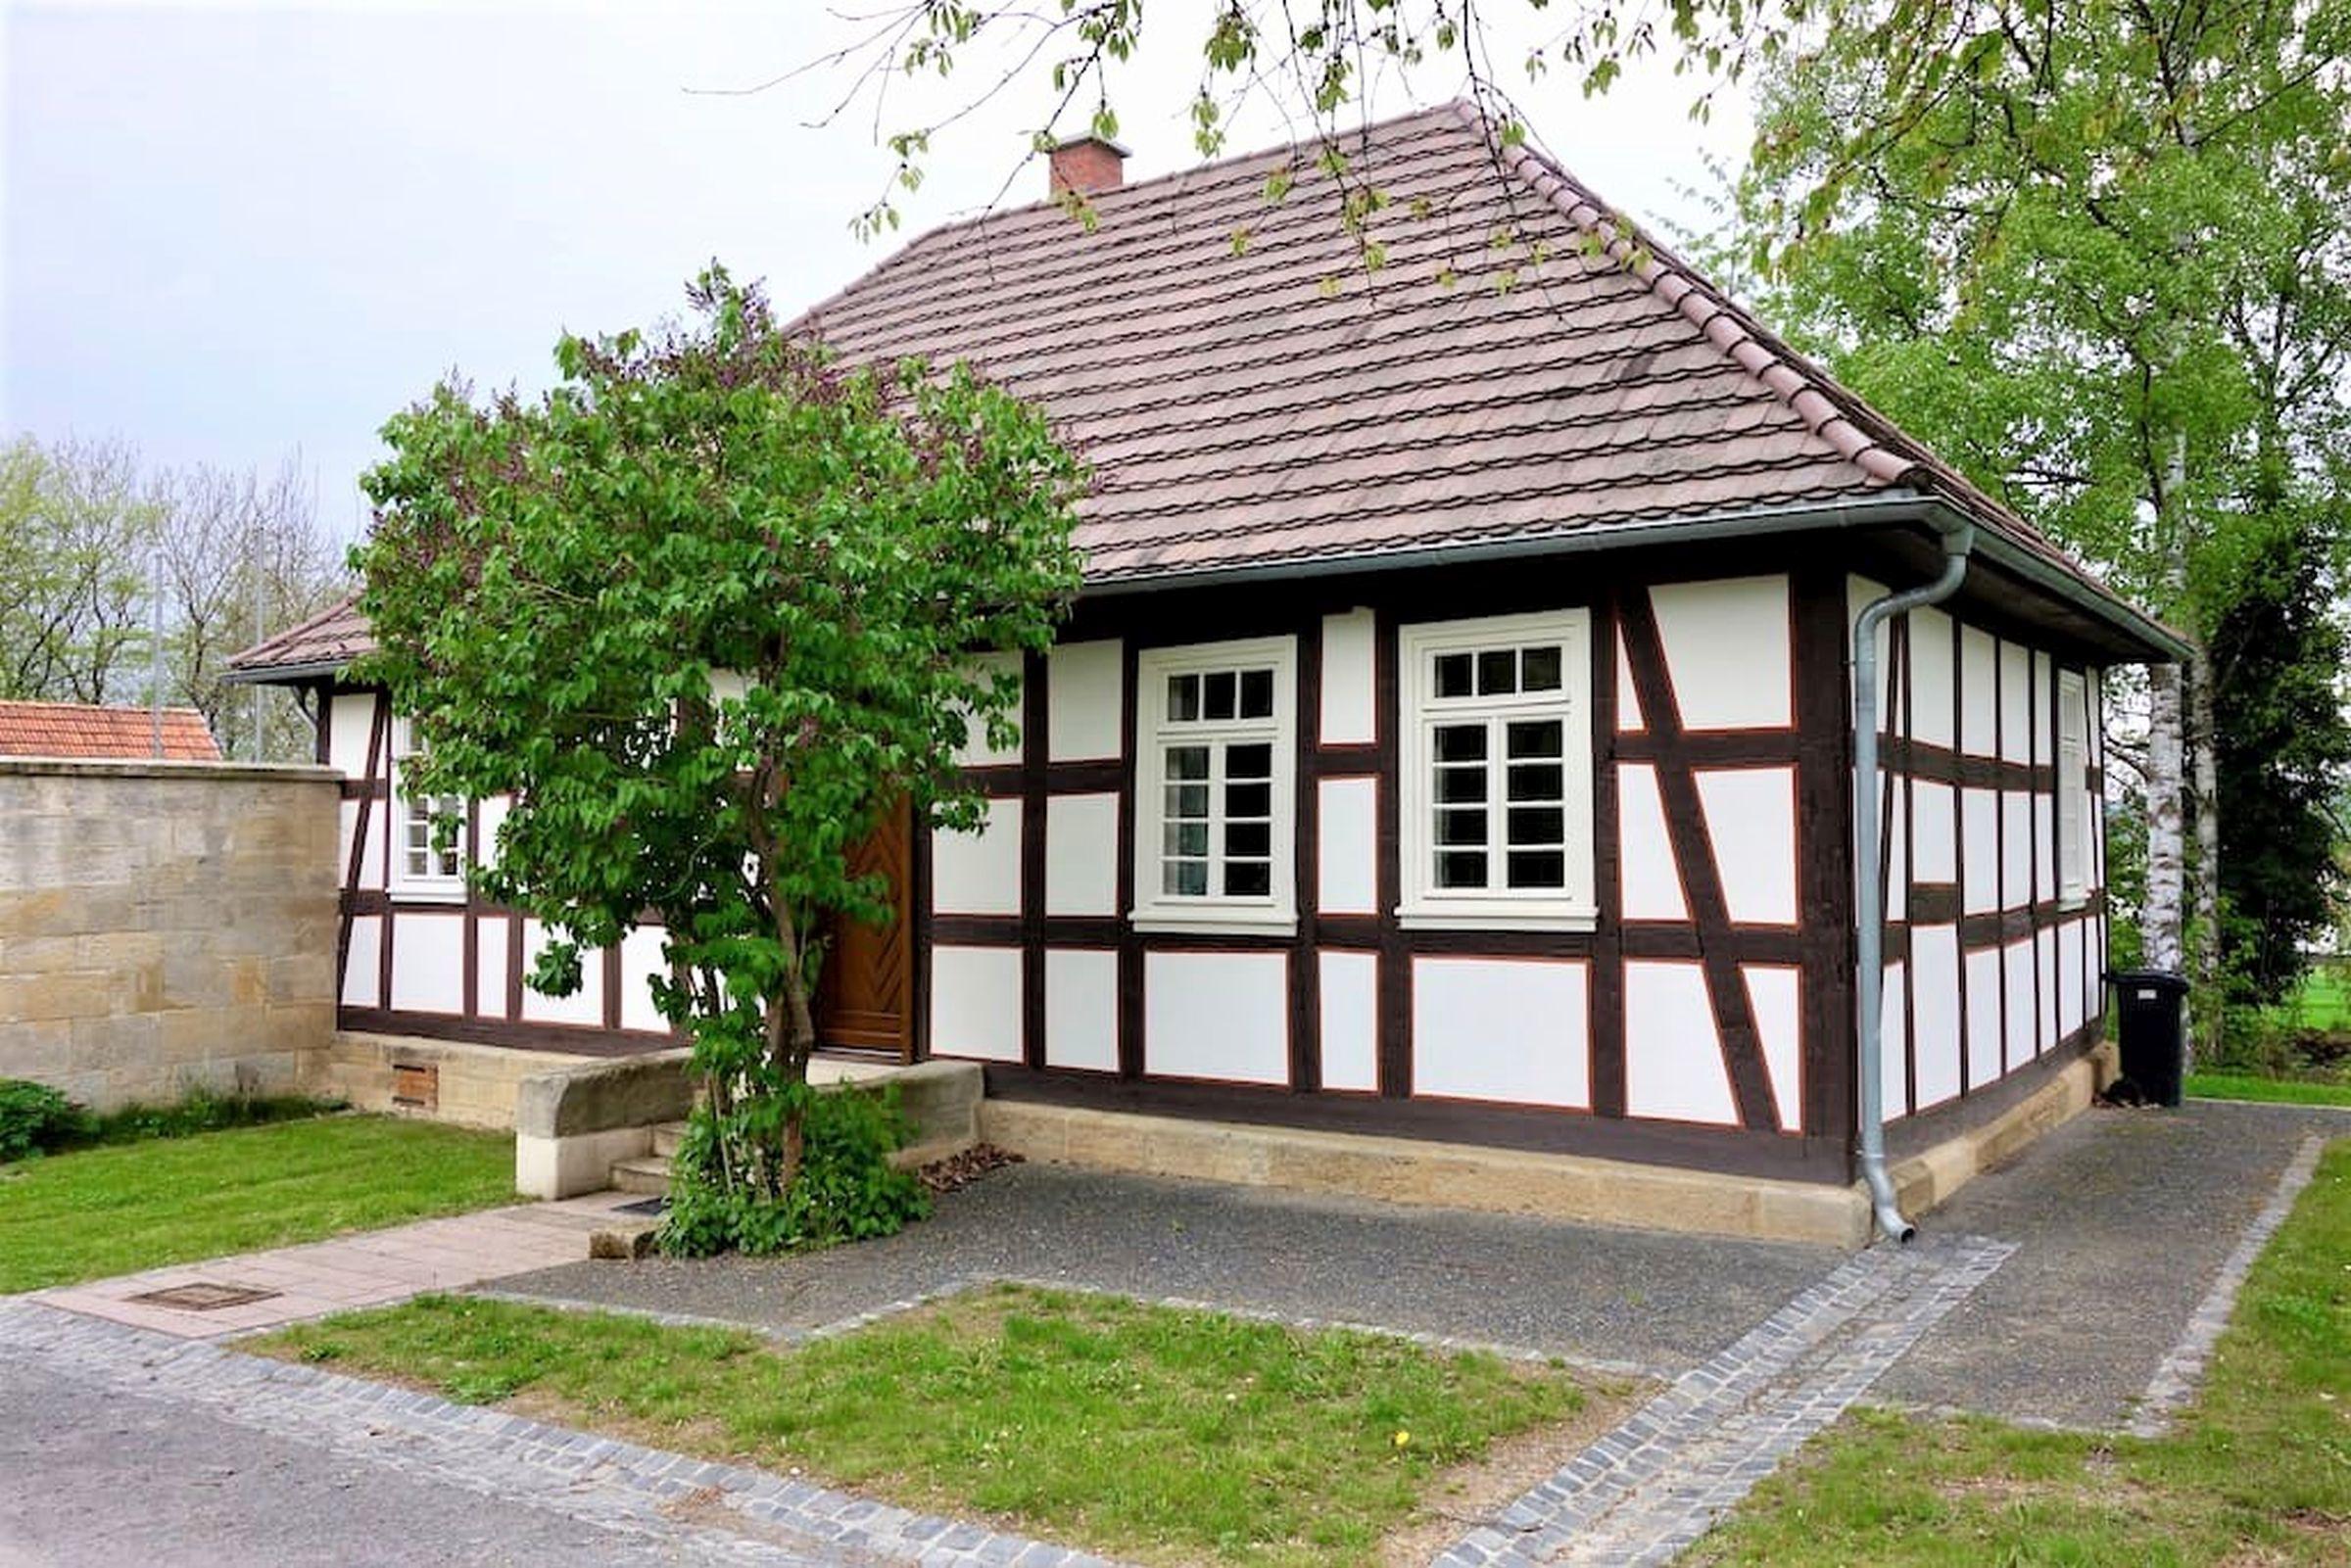 Ferienhaus Gutshof Gästehaus (Frielendorf). Historisches Schäferhaus, 70qm, Terrasse, 1 Schlafzimmer, (2546851), Frielendorf, Nordhessen, Hessen, Deutschland, Bild 9